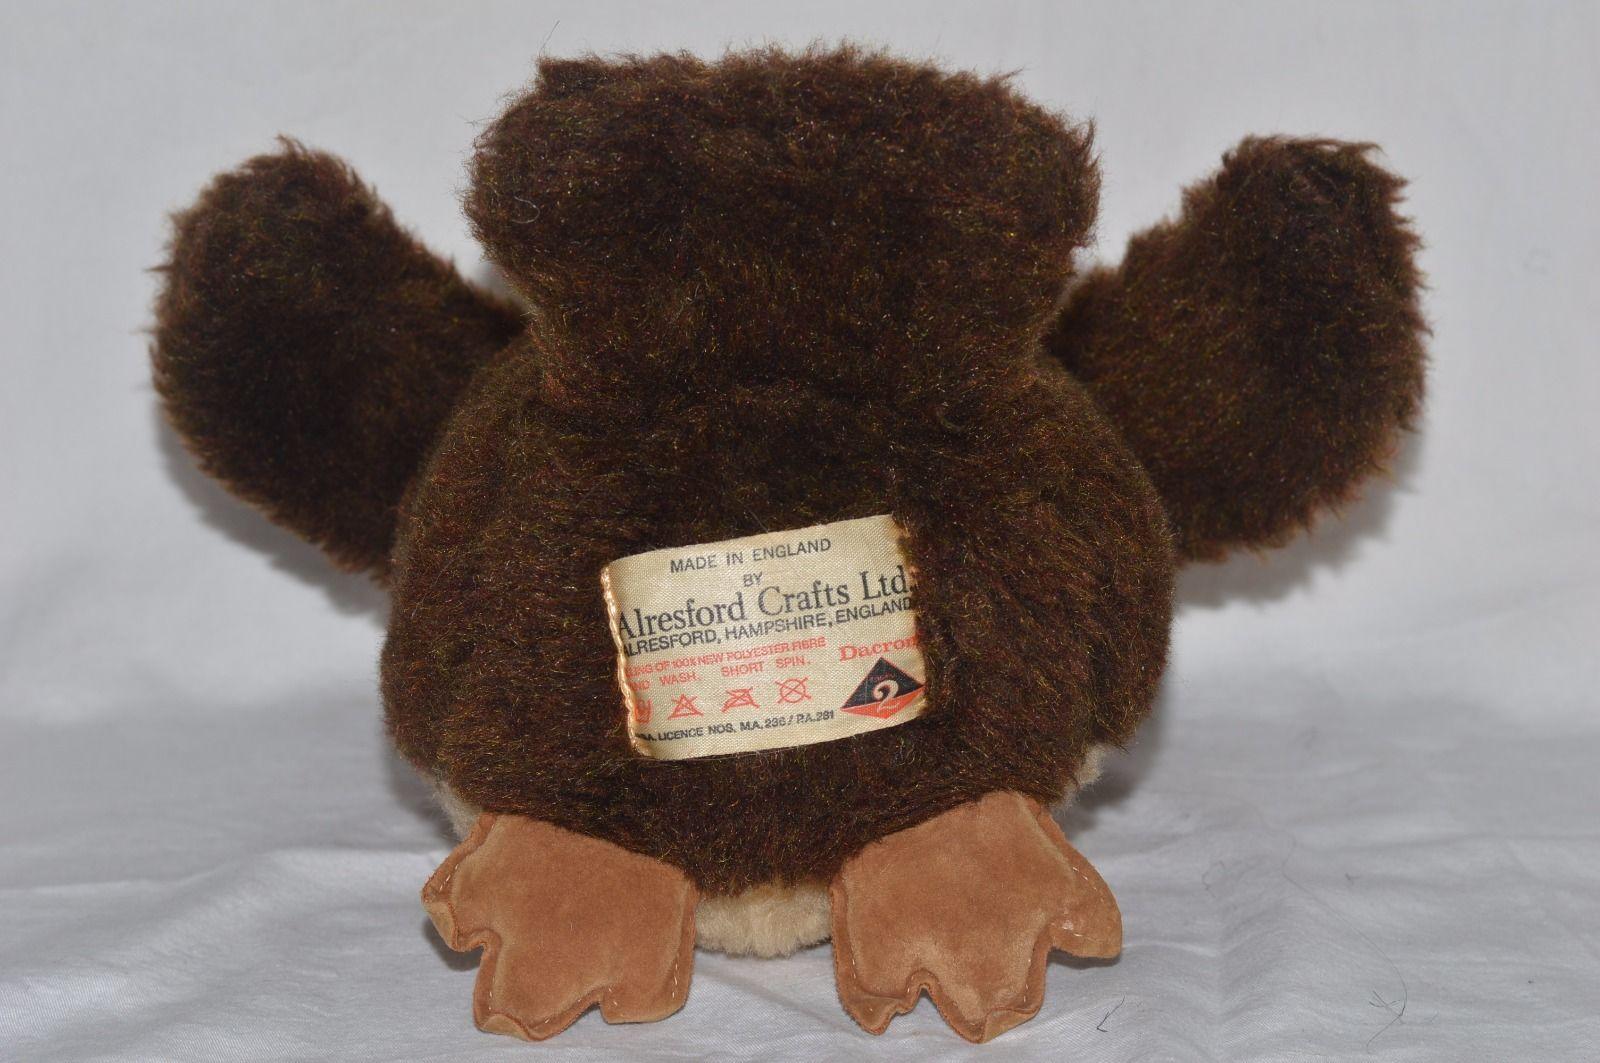 Vintage Alresford Crafts Oliver Owl 05.jpg